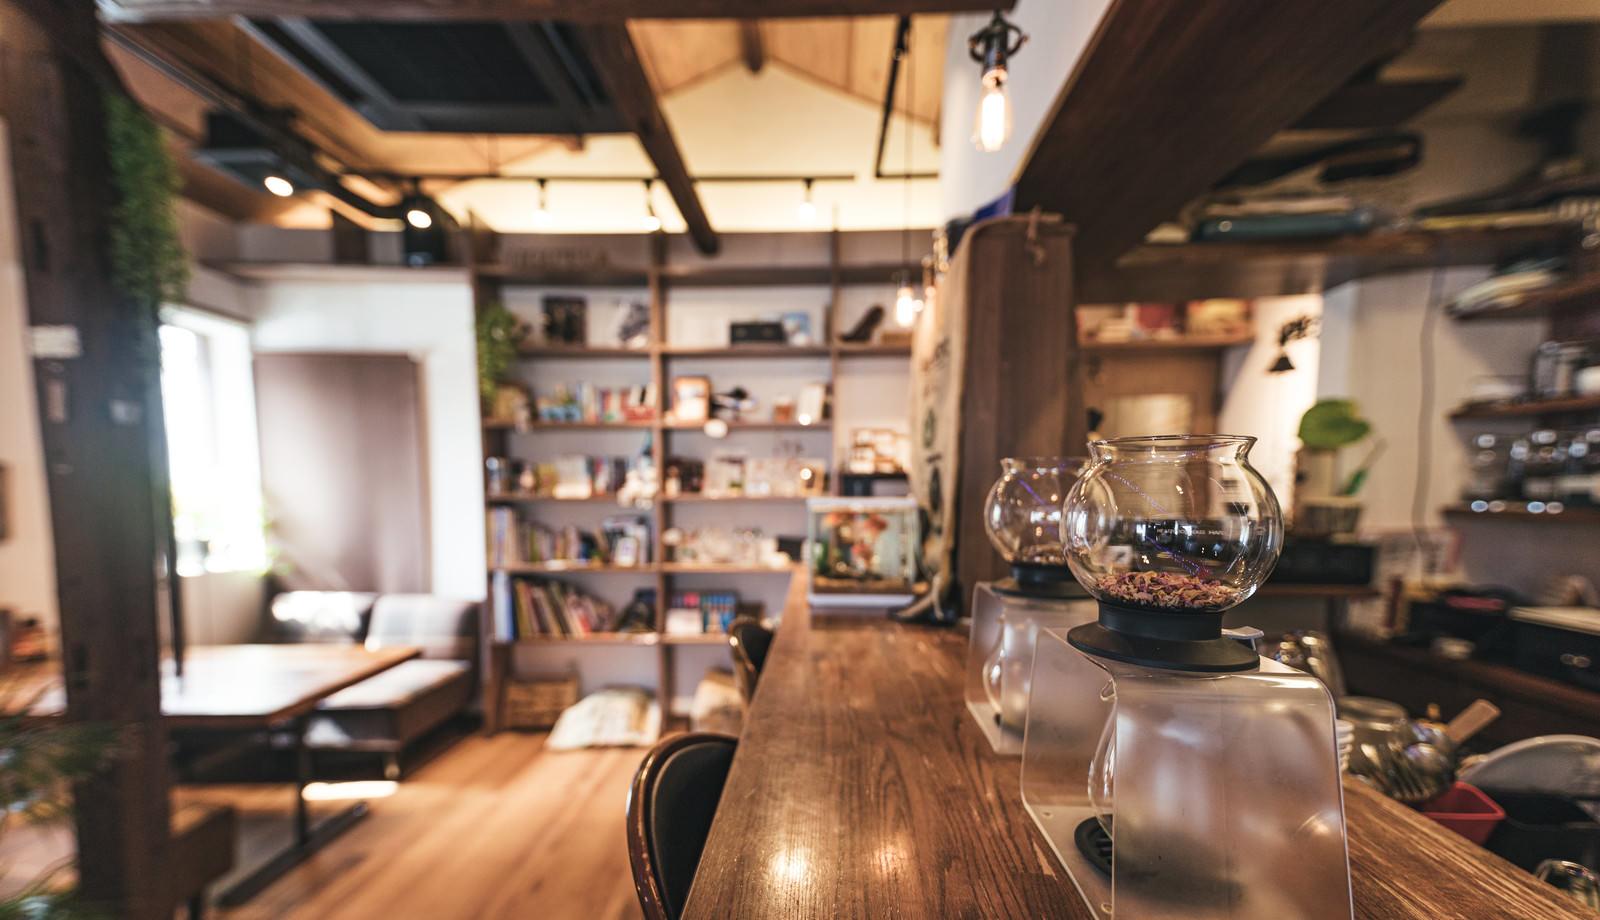 「ティードリッパーが並ぶカフェのカウンター席」の写真